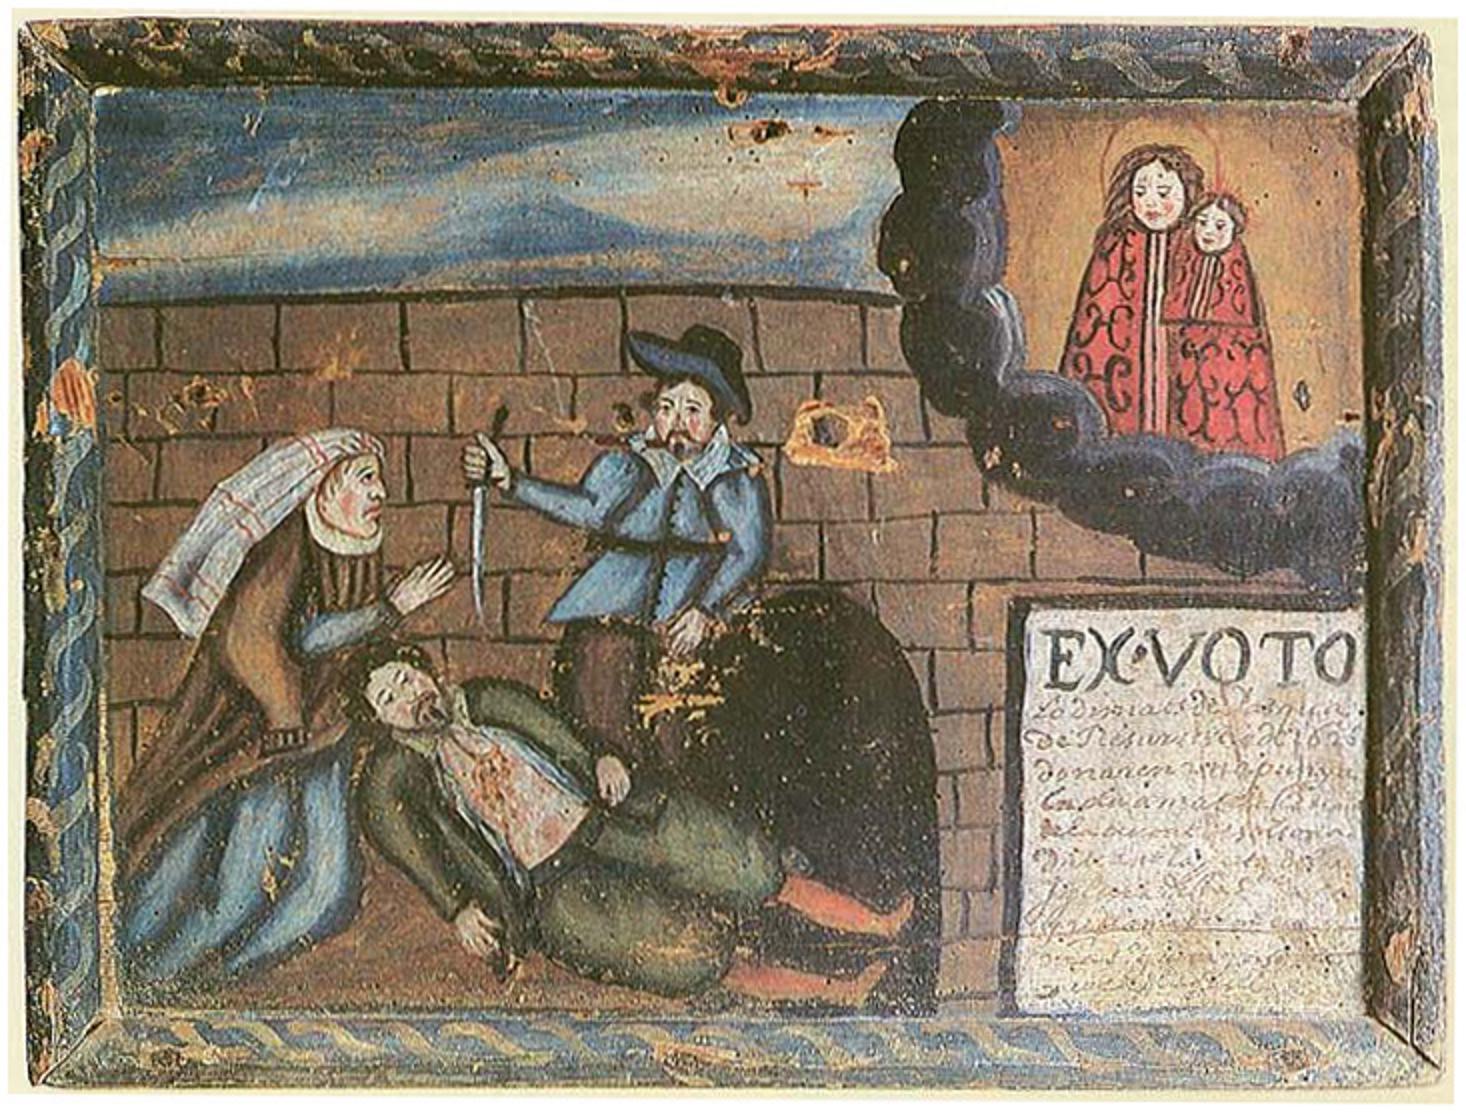 representacio d un crim en el context del bandolerisme solsona 1626 font enciclopedia 1